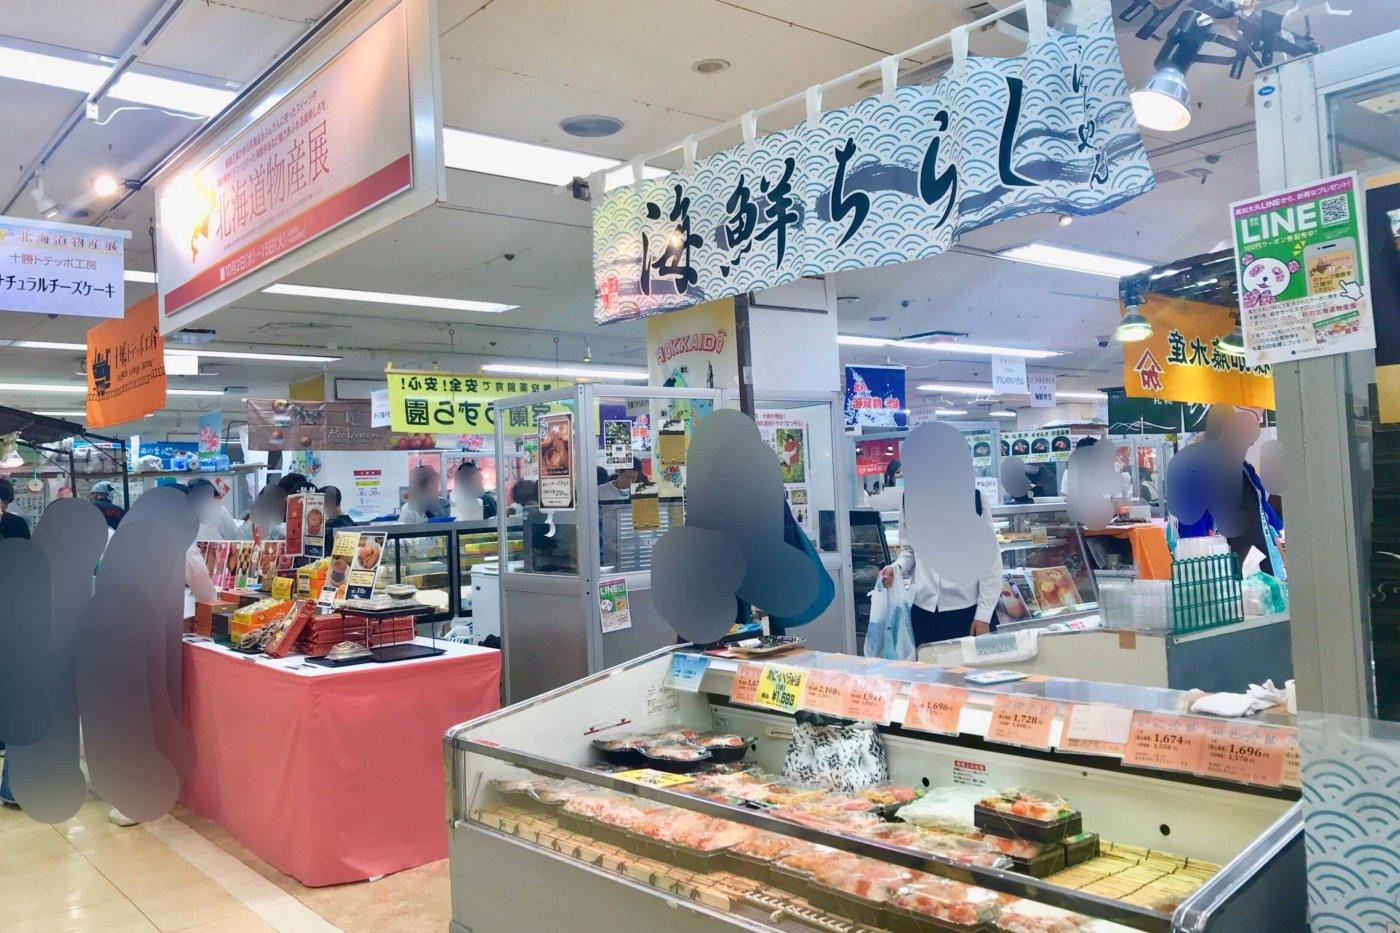 高知大丸 秋の北海道物産展2019 会場の雰囲気